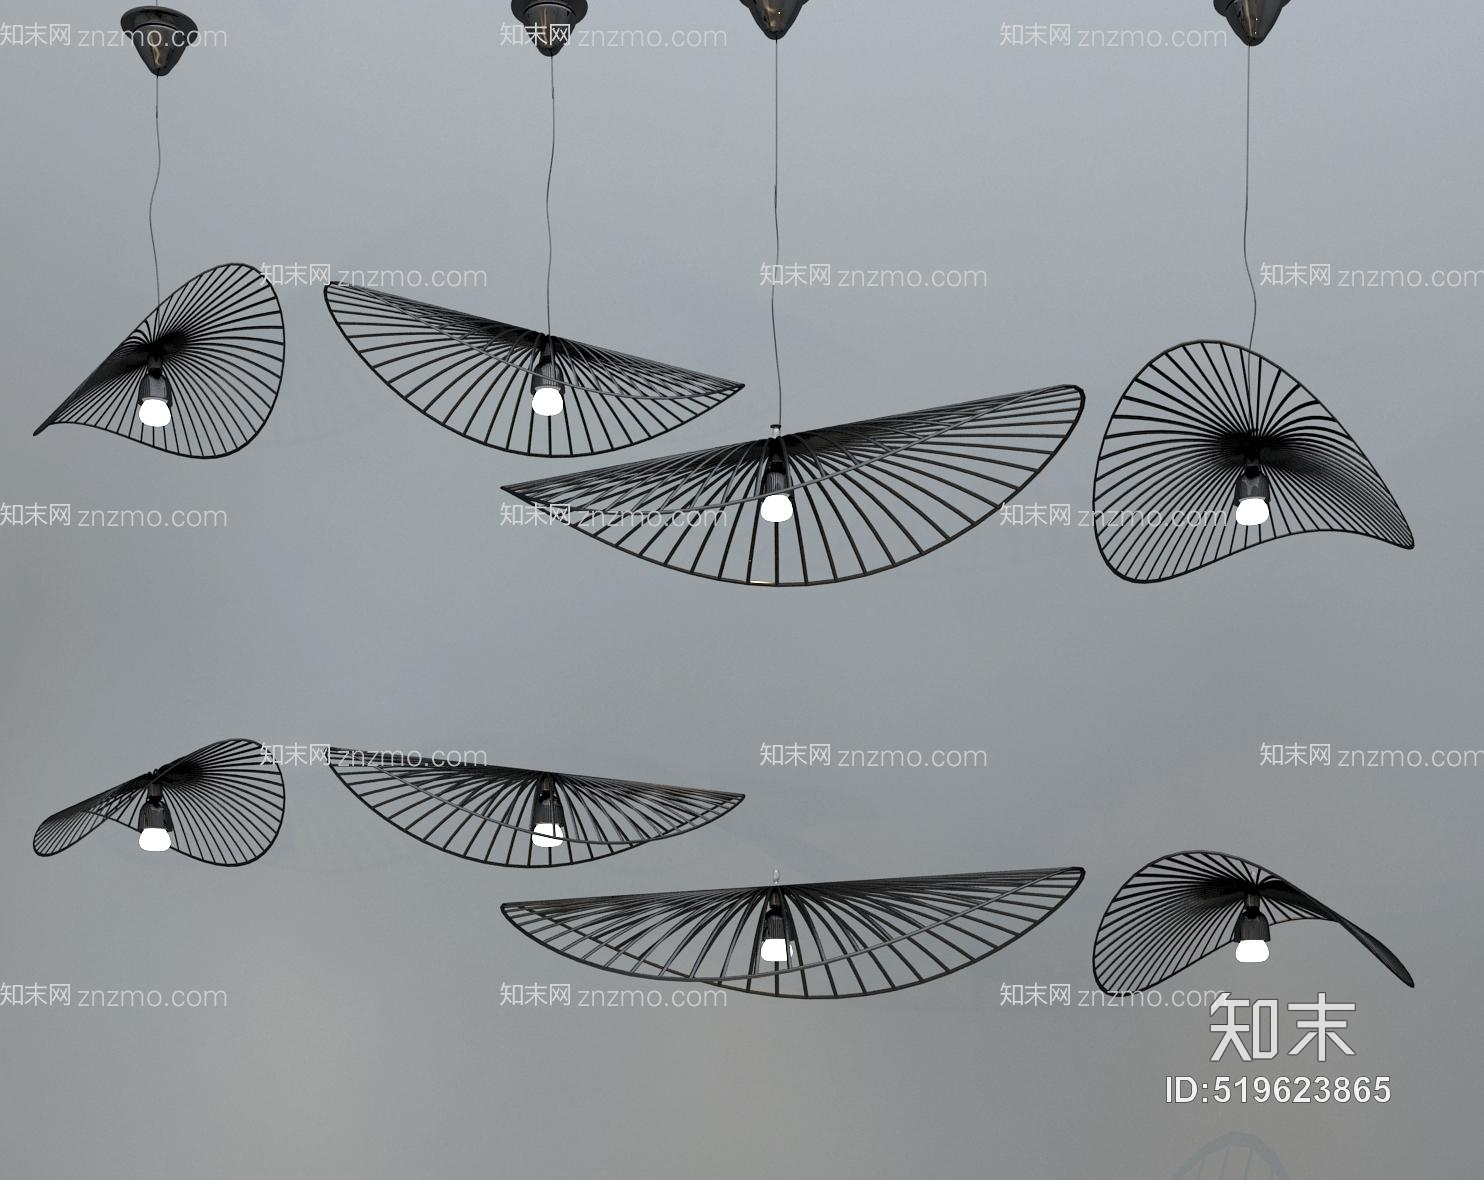 现代扇子吊灯组合 扇子吊灯 客厅吊灯 艺术吊灯 铁艺吊灯 餐厅吊灯